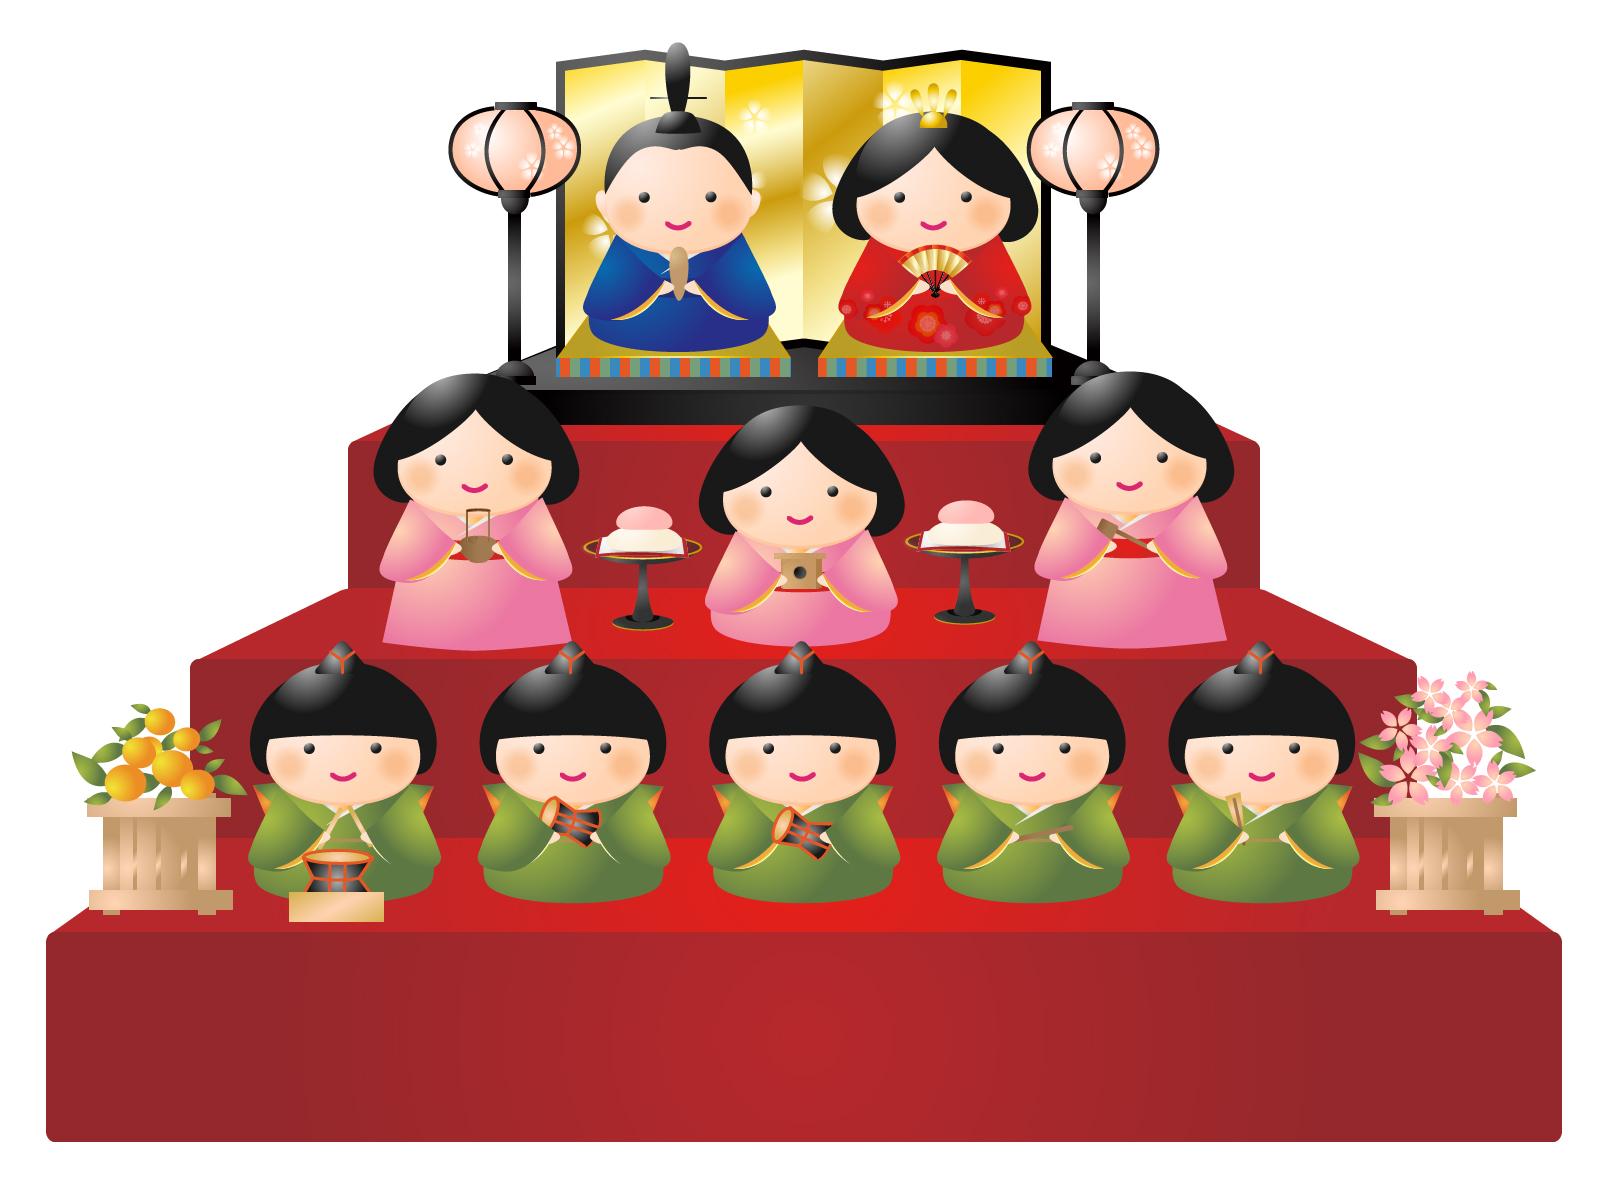 ひな祭りの雛人形の由来は?片づけの時期と婚期が遅れる理由